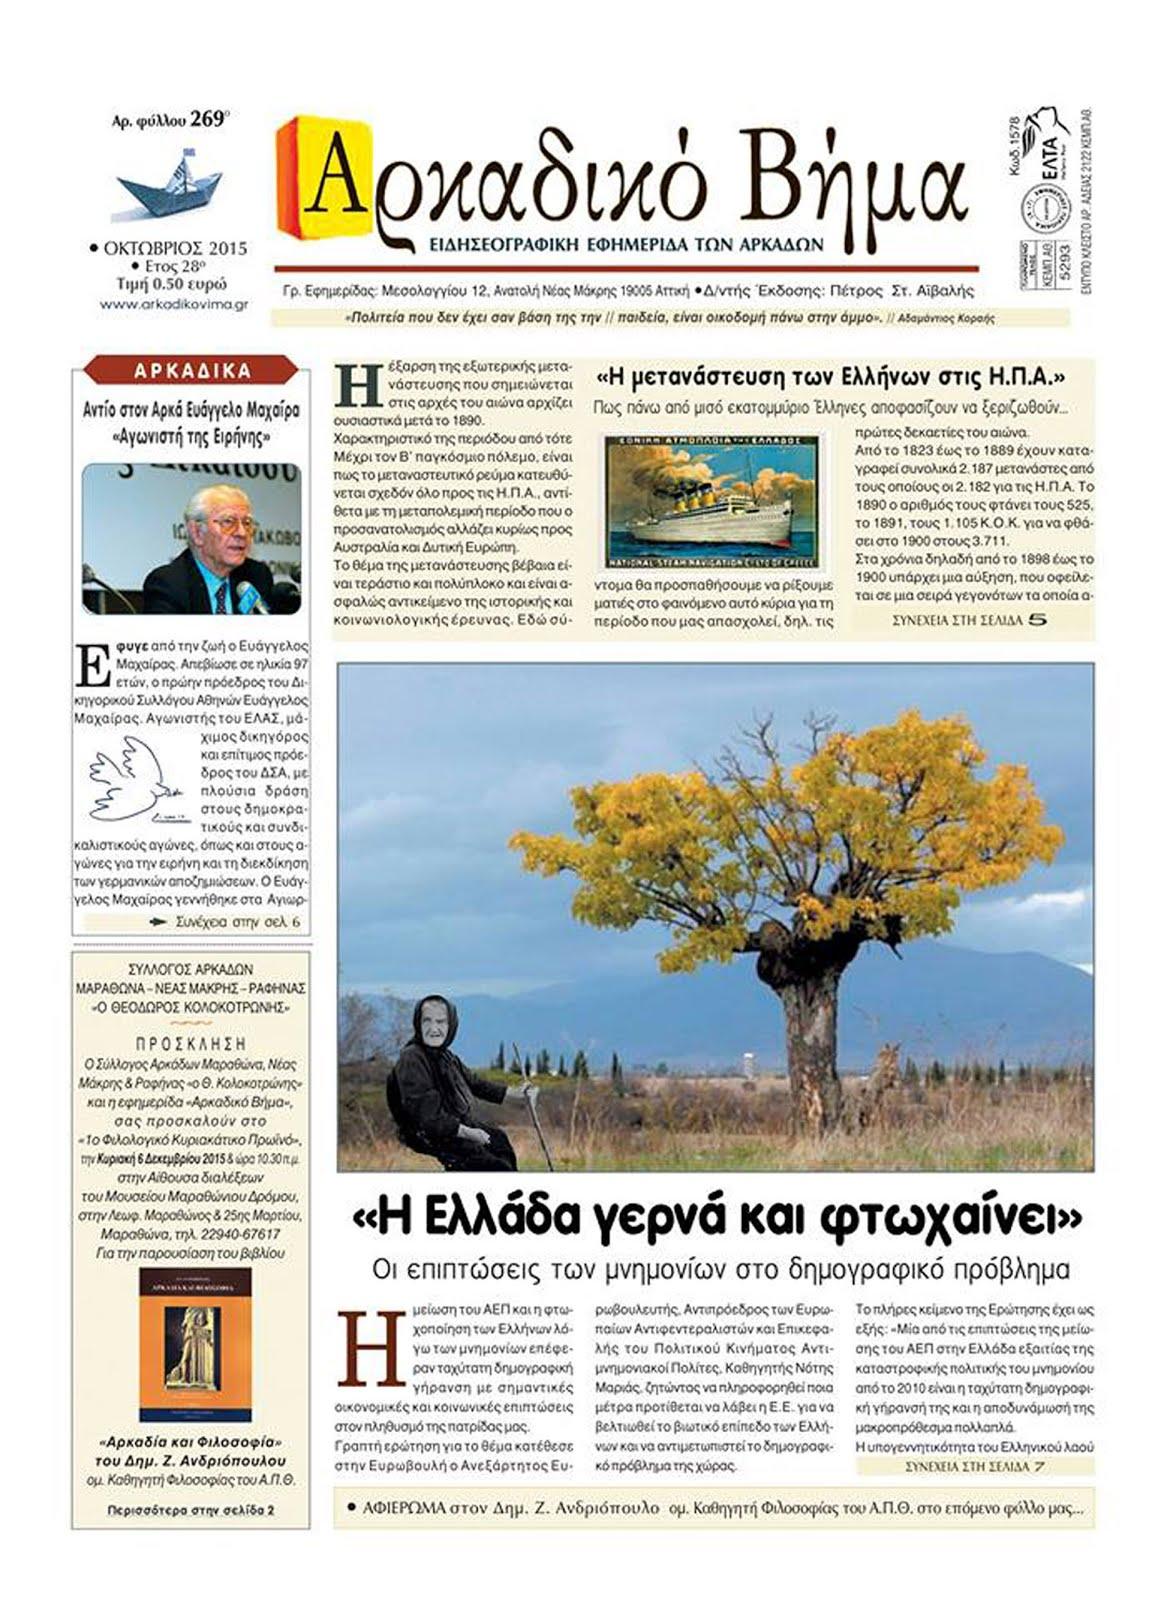 """Εφημερίδα """"Αρκαδικό Βήμα"""" """"Η Ελλάδα γερνά και φτωχαίνει"""""""